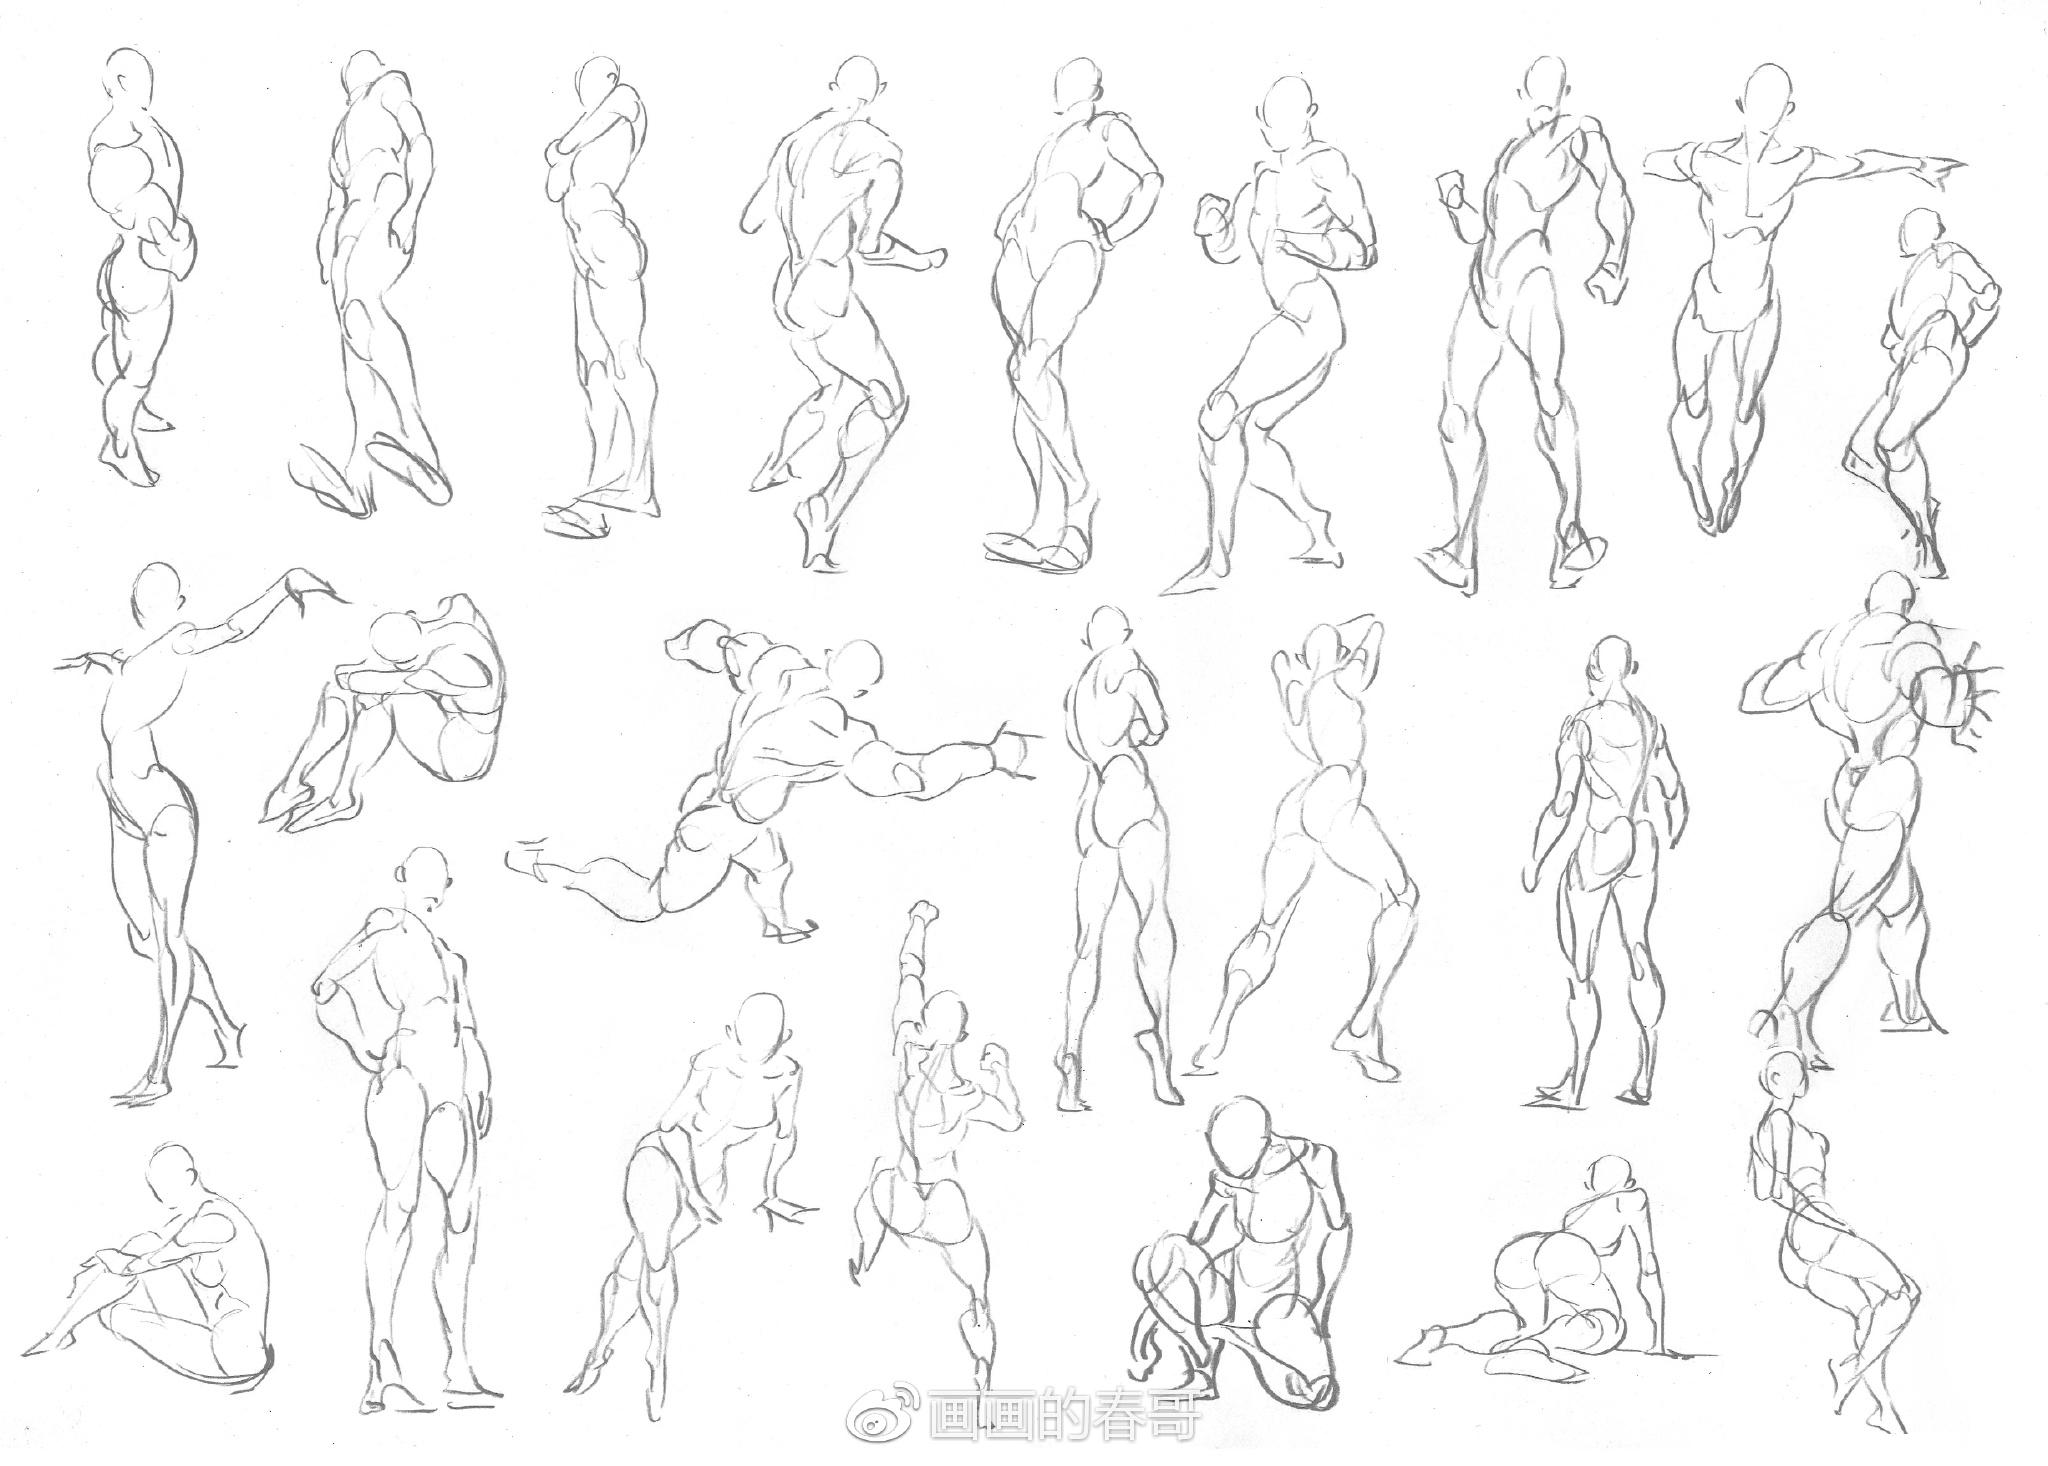 动漫人体结构_给准备从事游戏动漫行业的你们——人体结构联系及角色创作